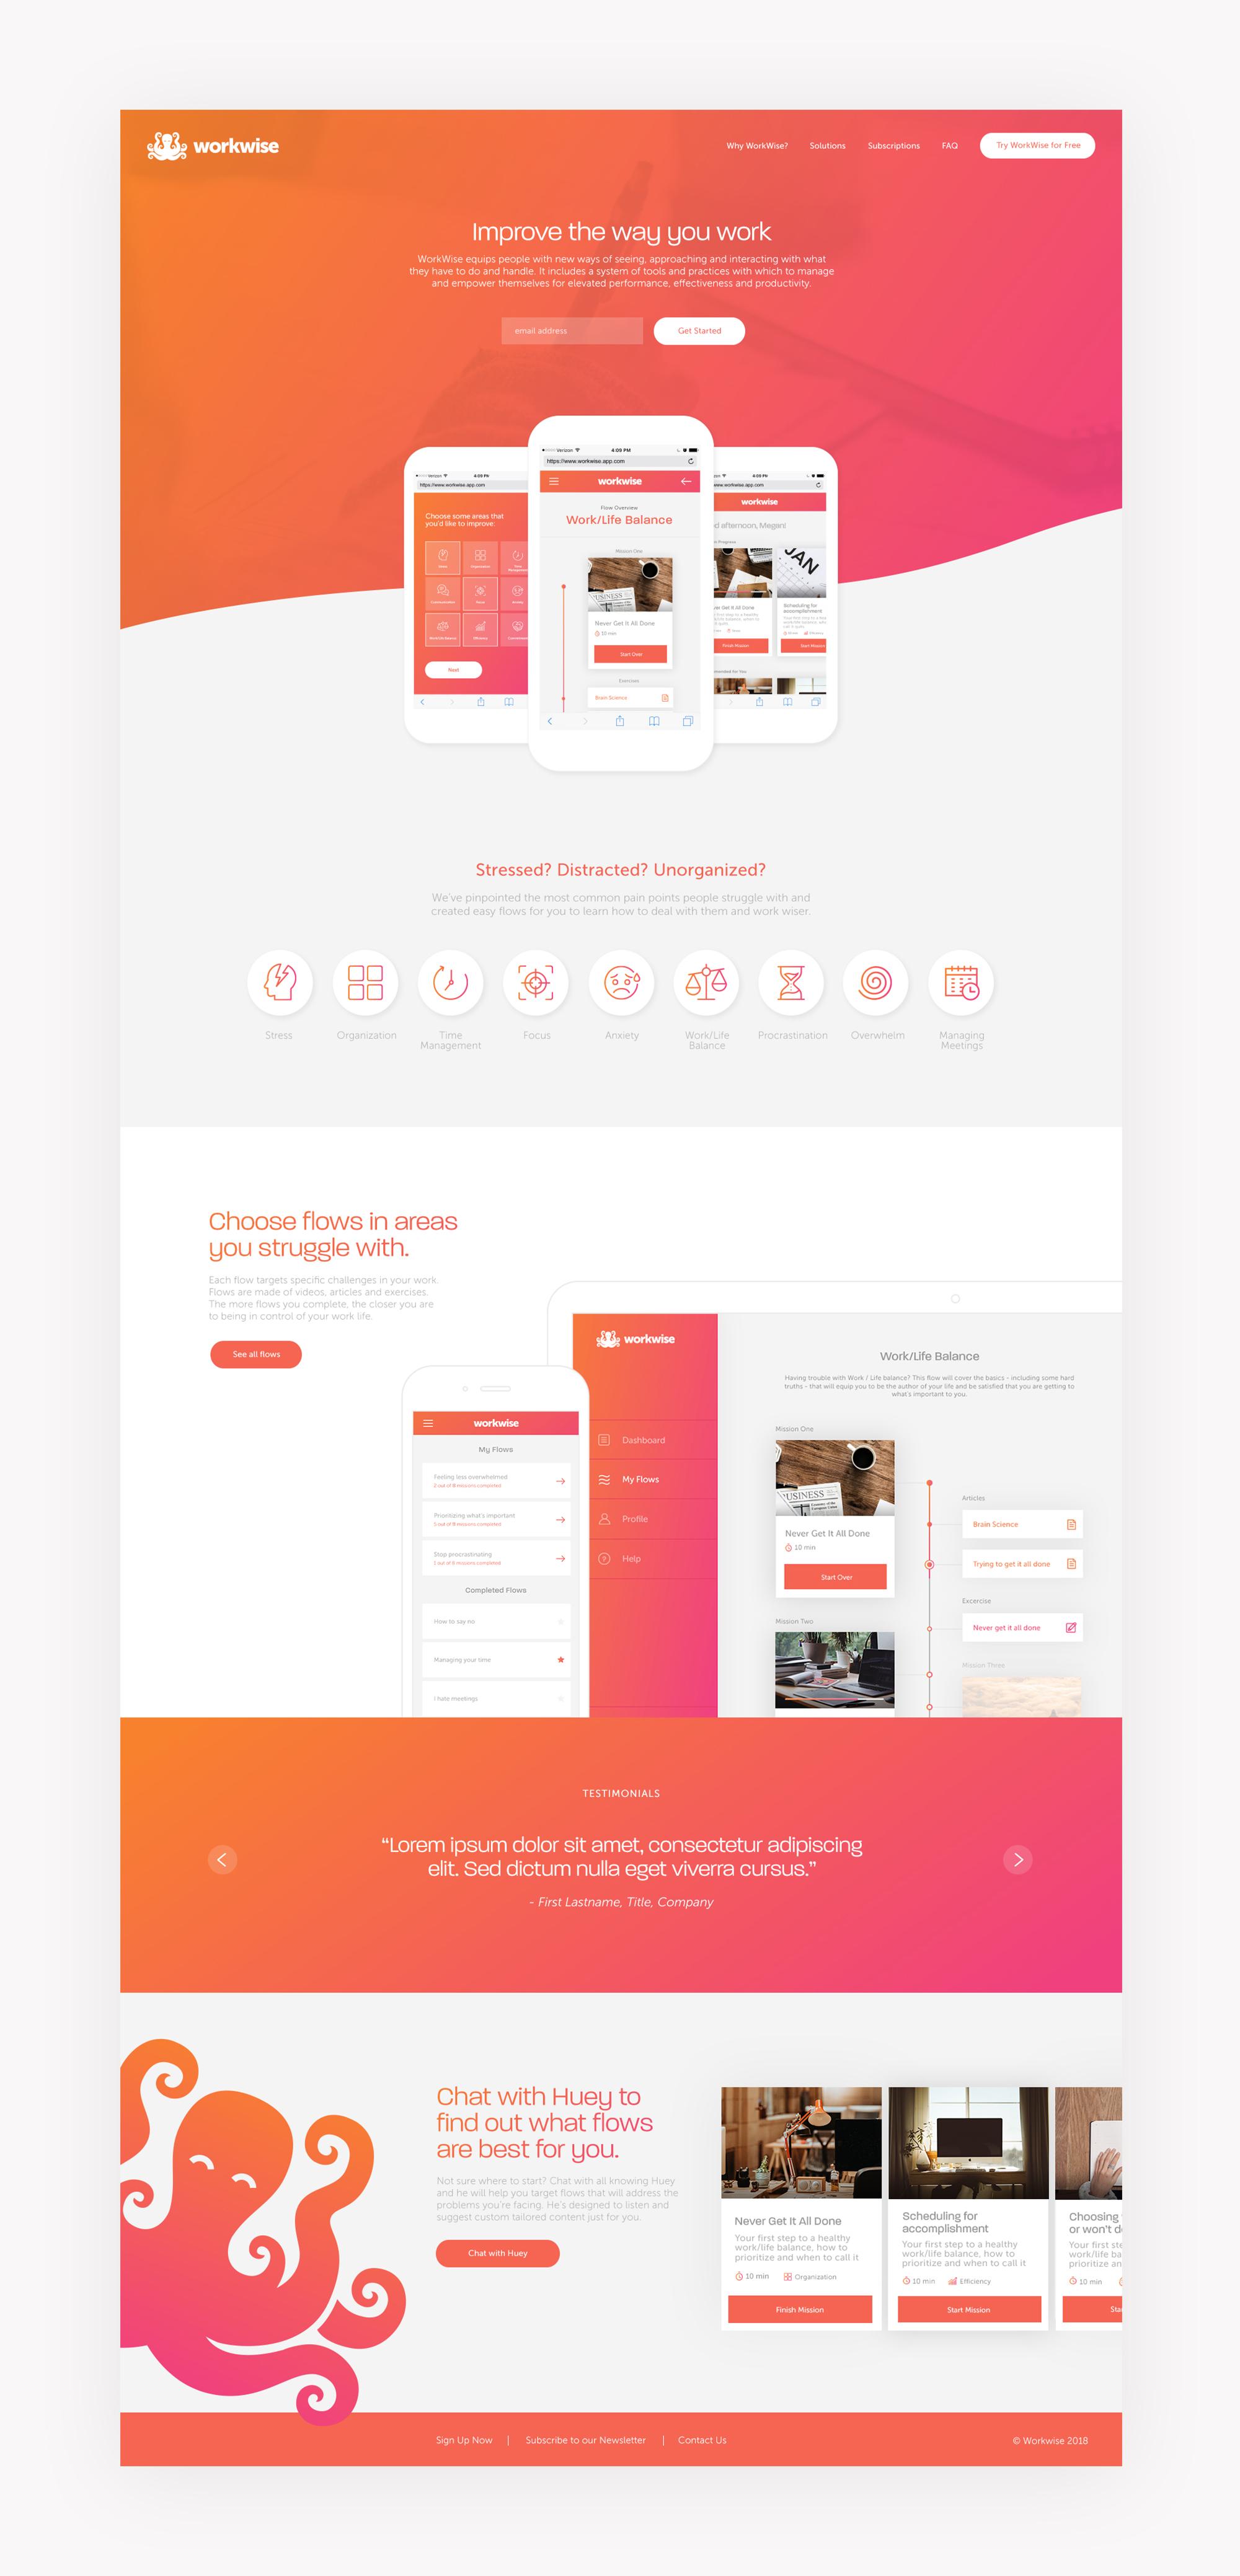 WorkWise_BrandIdentity_WebsiteDesign_JulieEckert_Design_It'sSuper.jpg